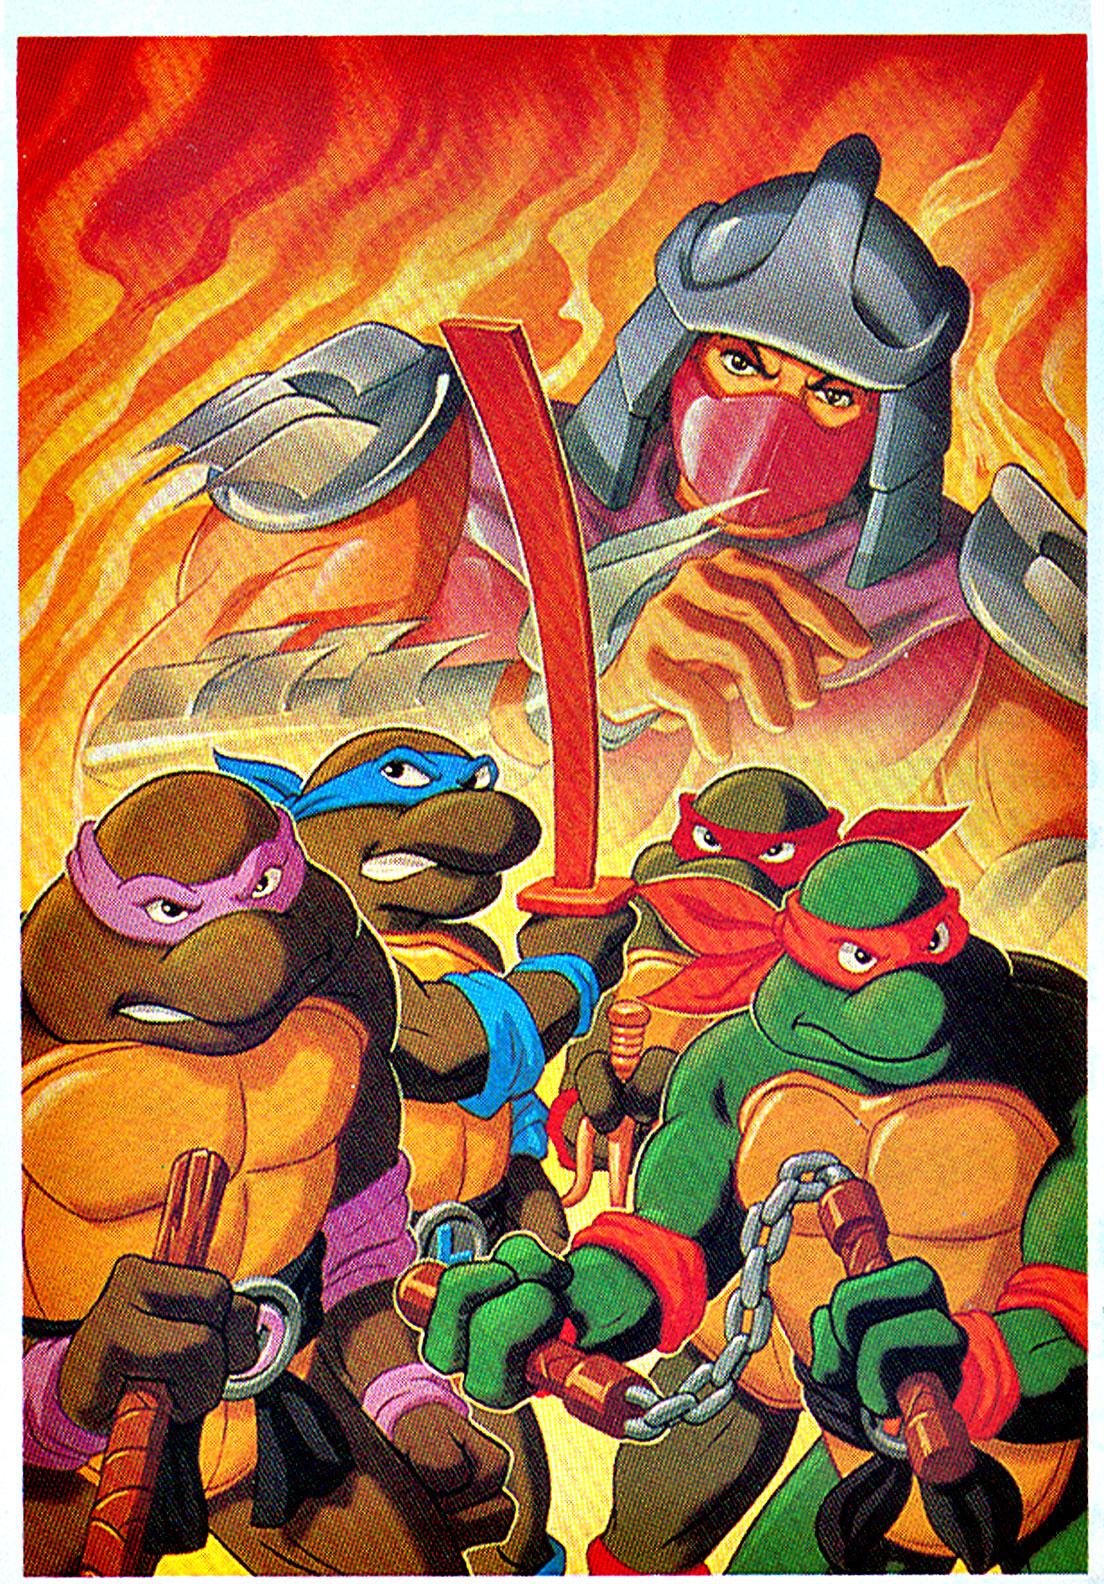 Ninja Turtle Nails: Teenage Mutant Ninja Turtles (1987 TV Series)